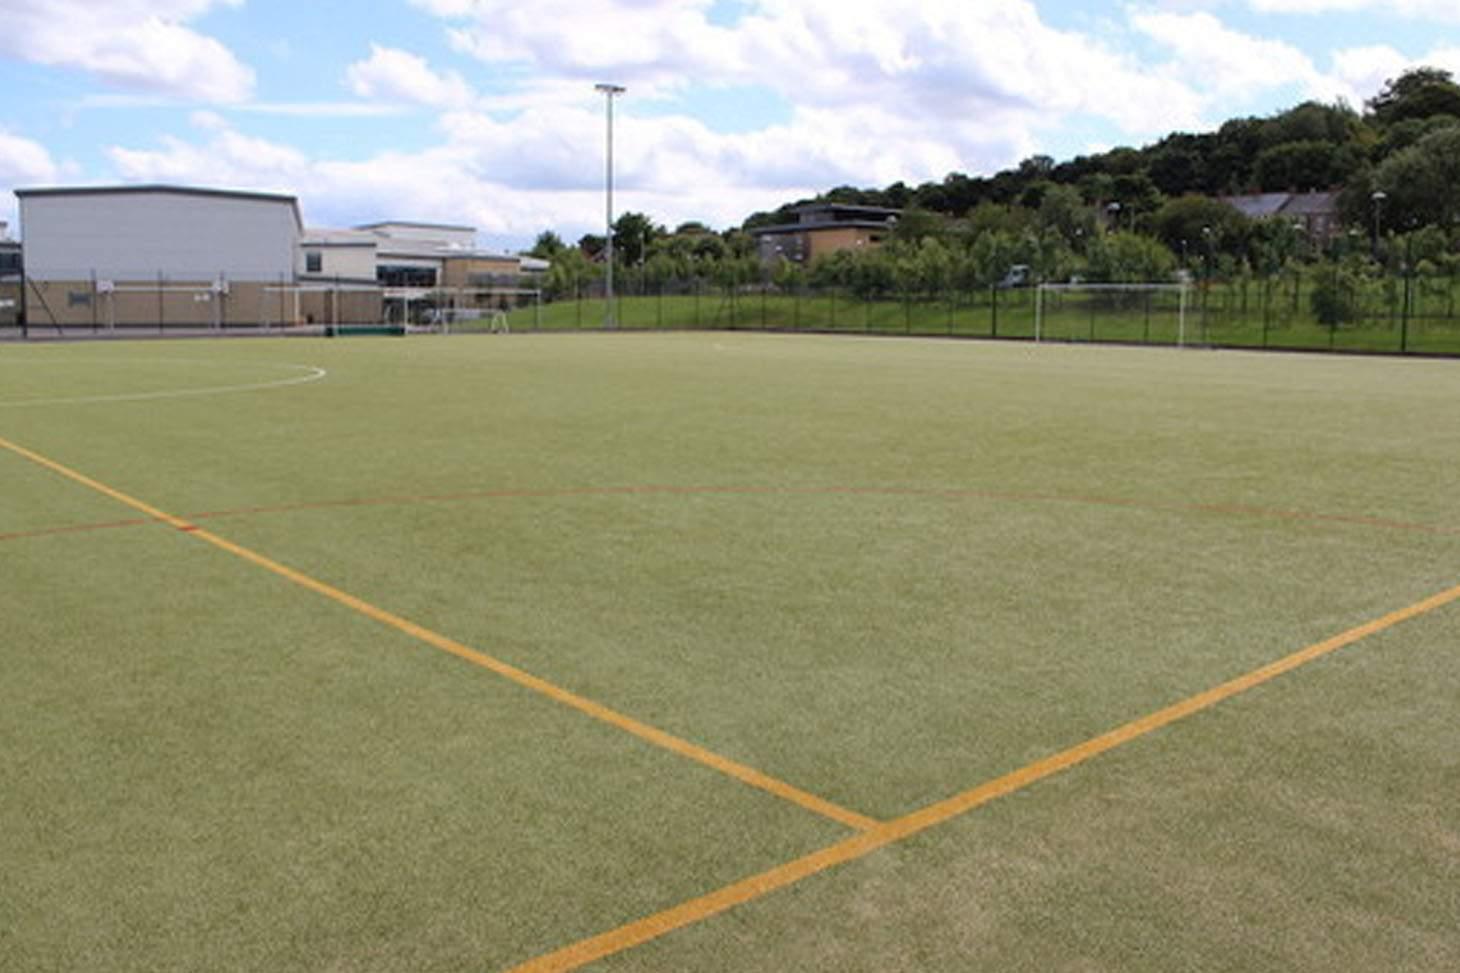 Kingsmeadow Community School 5 a side | Astroturf football pitch